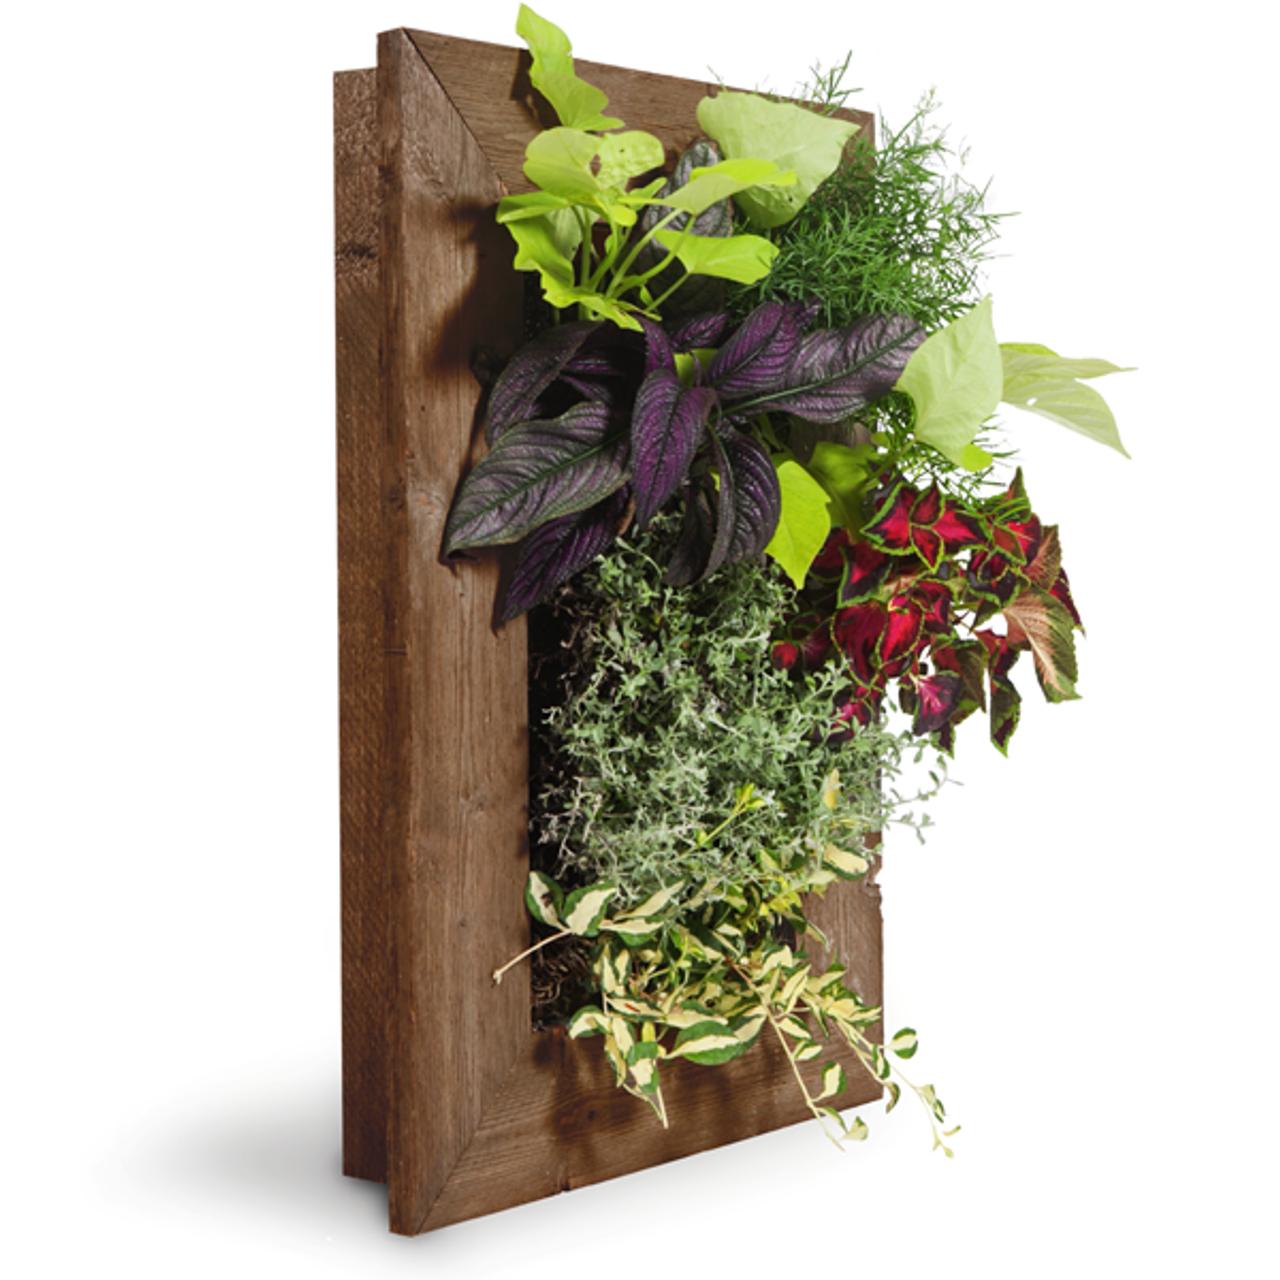 Grovert Wall Planter Ghostwood Frame Kit